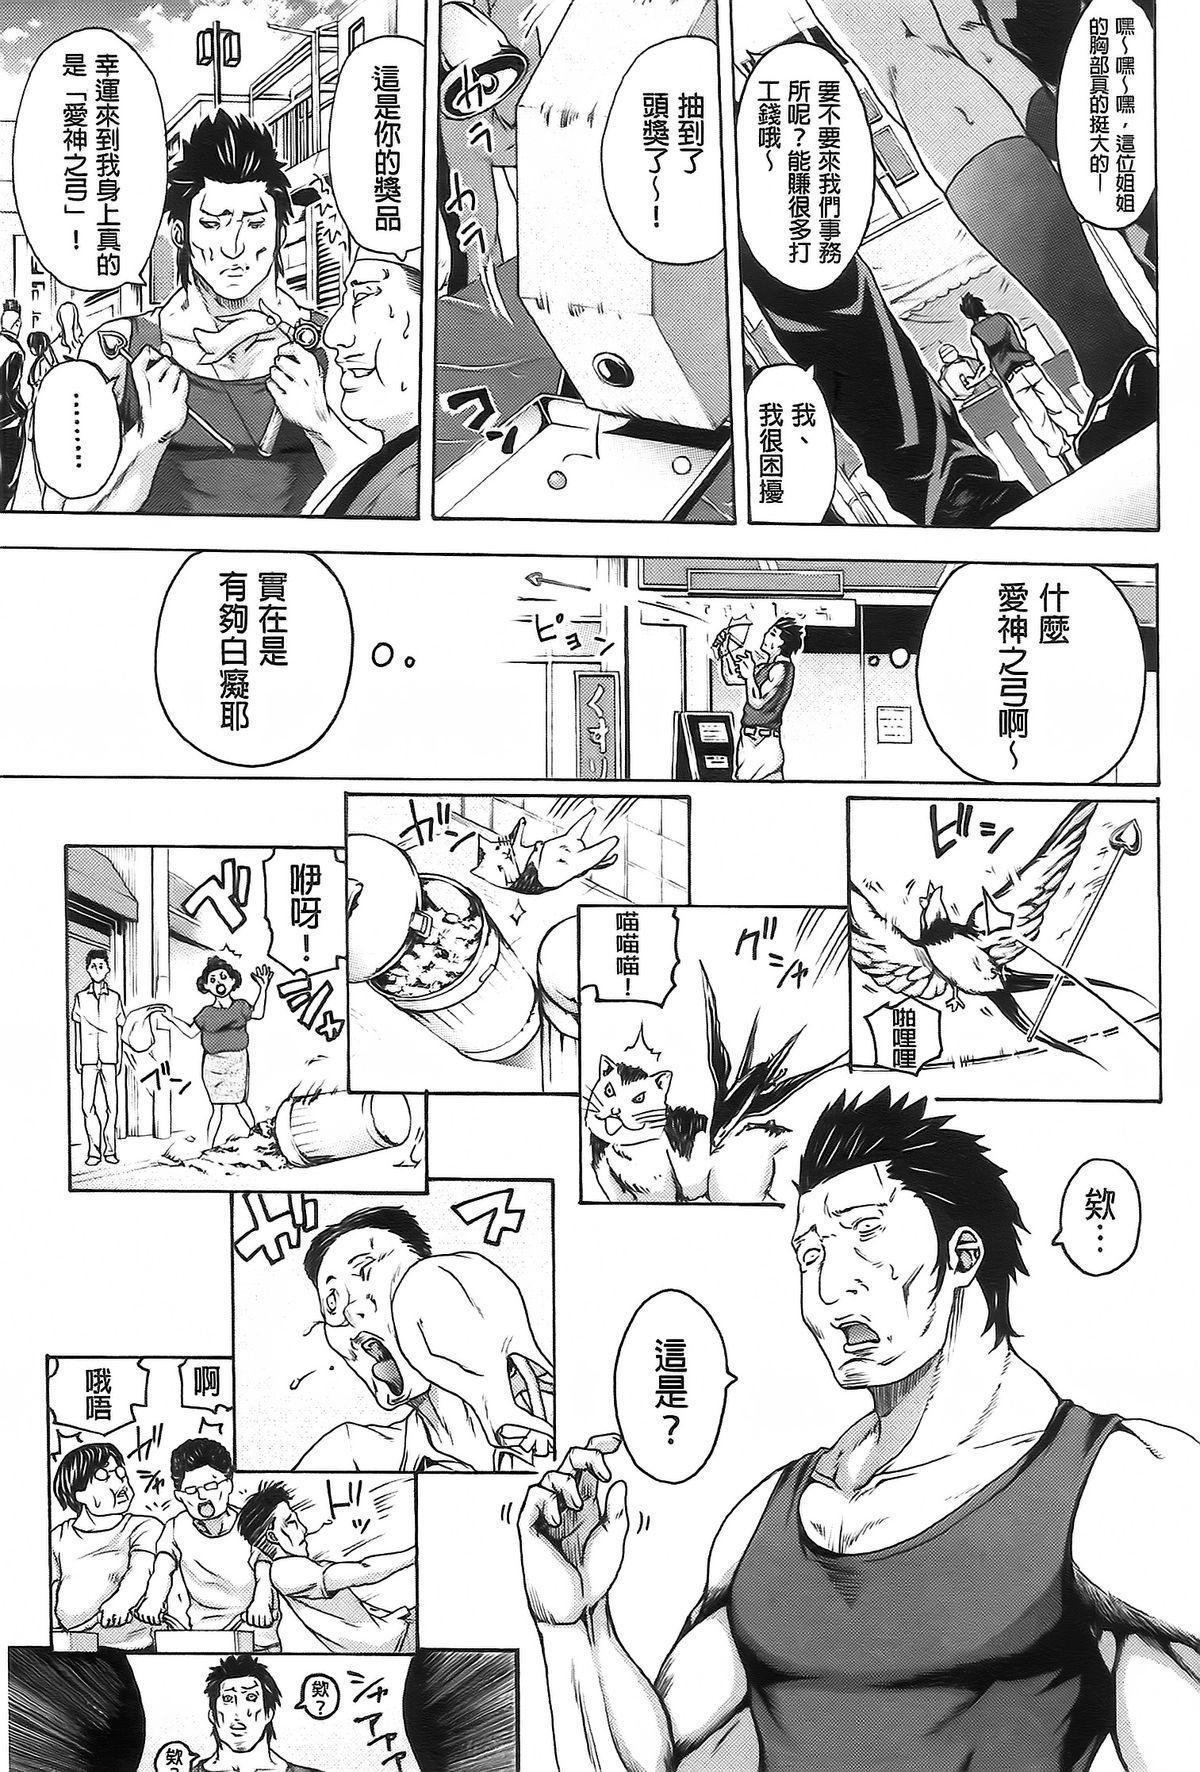 Bukatsu shoujo to amai ase 64